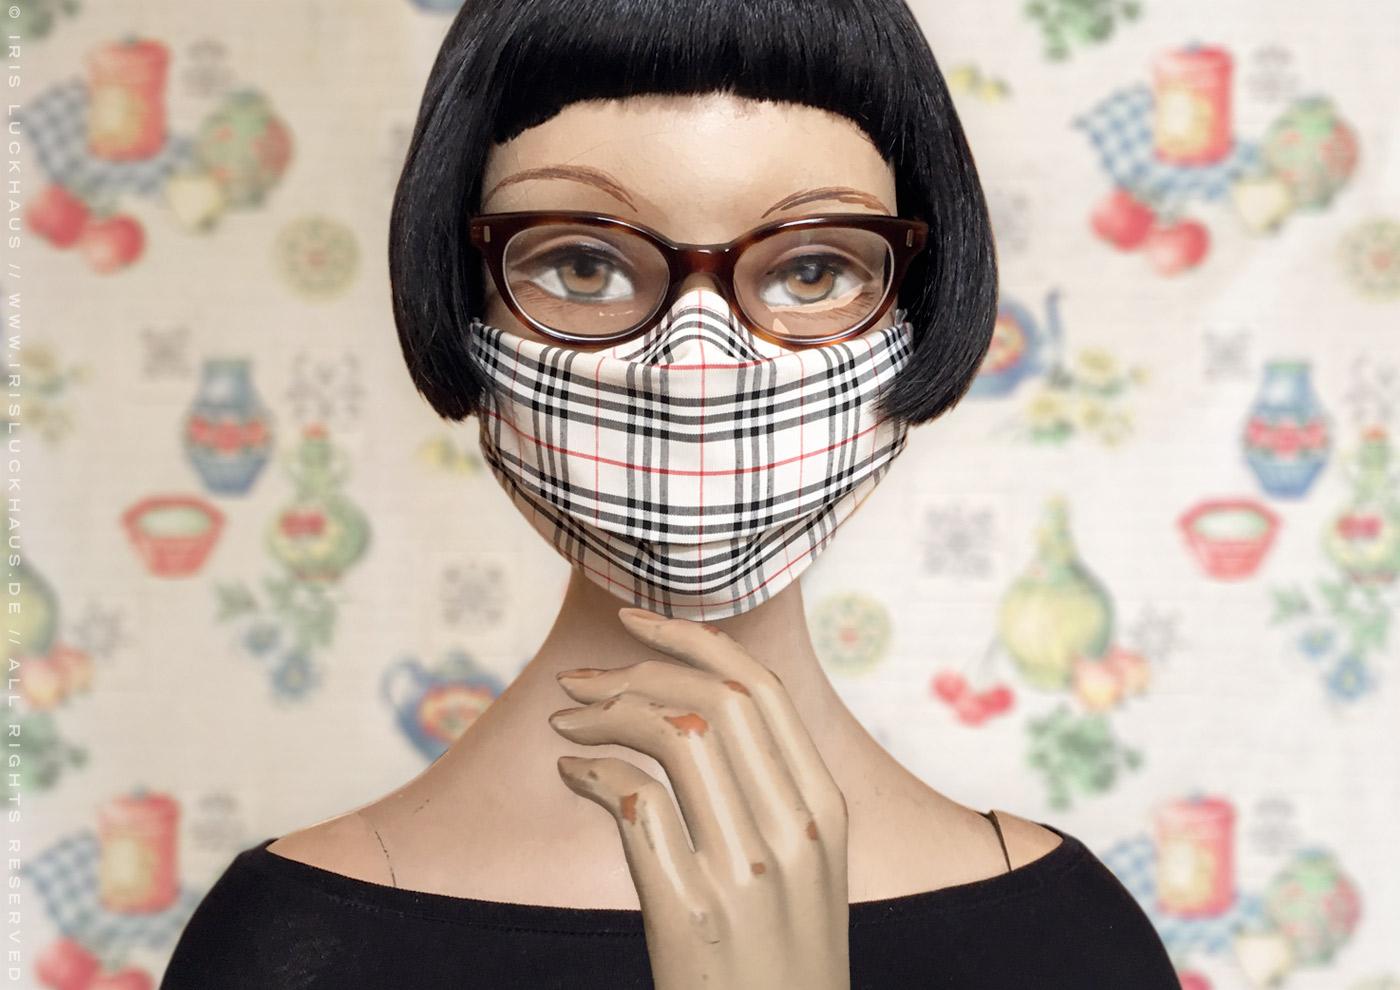 Optimierte Hybrid-Maske, Behelfsmaske, Alltagsmaske, Mundmaske, Mund-Nase-Maske oder Mund-Nase-Bedeckung zum Selbstnähen mit Rückwärtsfalte oder Nasenfalte für Brillenträger mit Anleitung, Schnittmuster, Schablone und Anpassungen für Stoffe wie Baumwolle, Polyester, Seide oder Filter mit Nasenbügel, Filteröffnung und Tunnelzug für Ohrhalter oder Kopfbändel von Iris Luckhaus